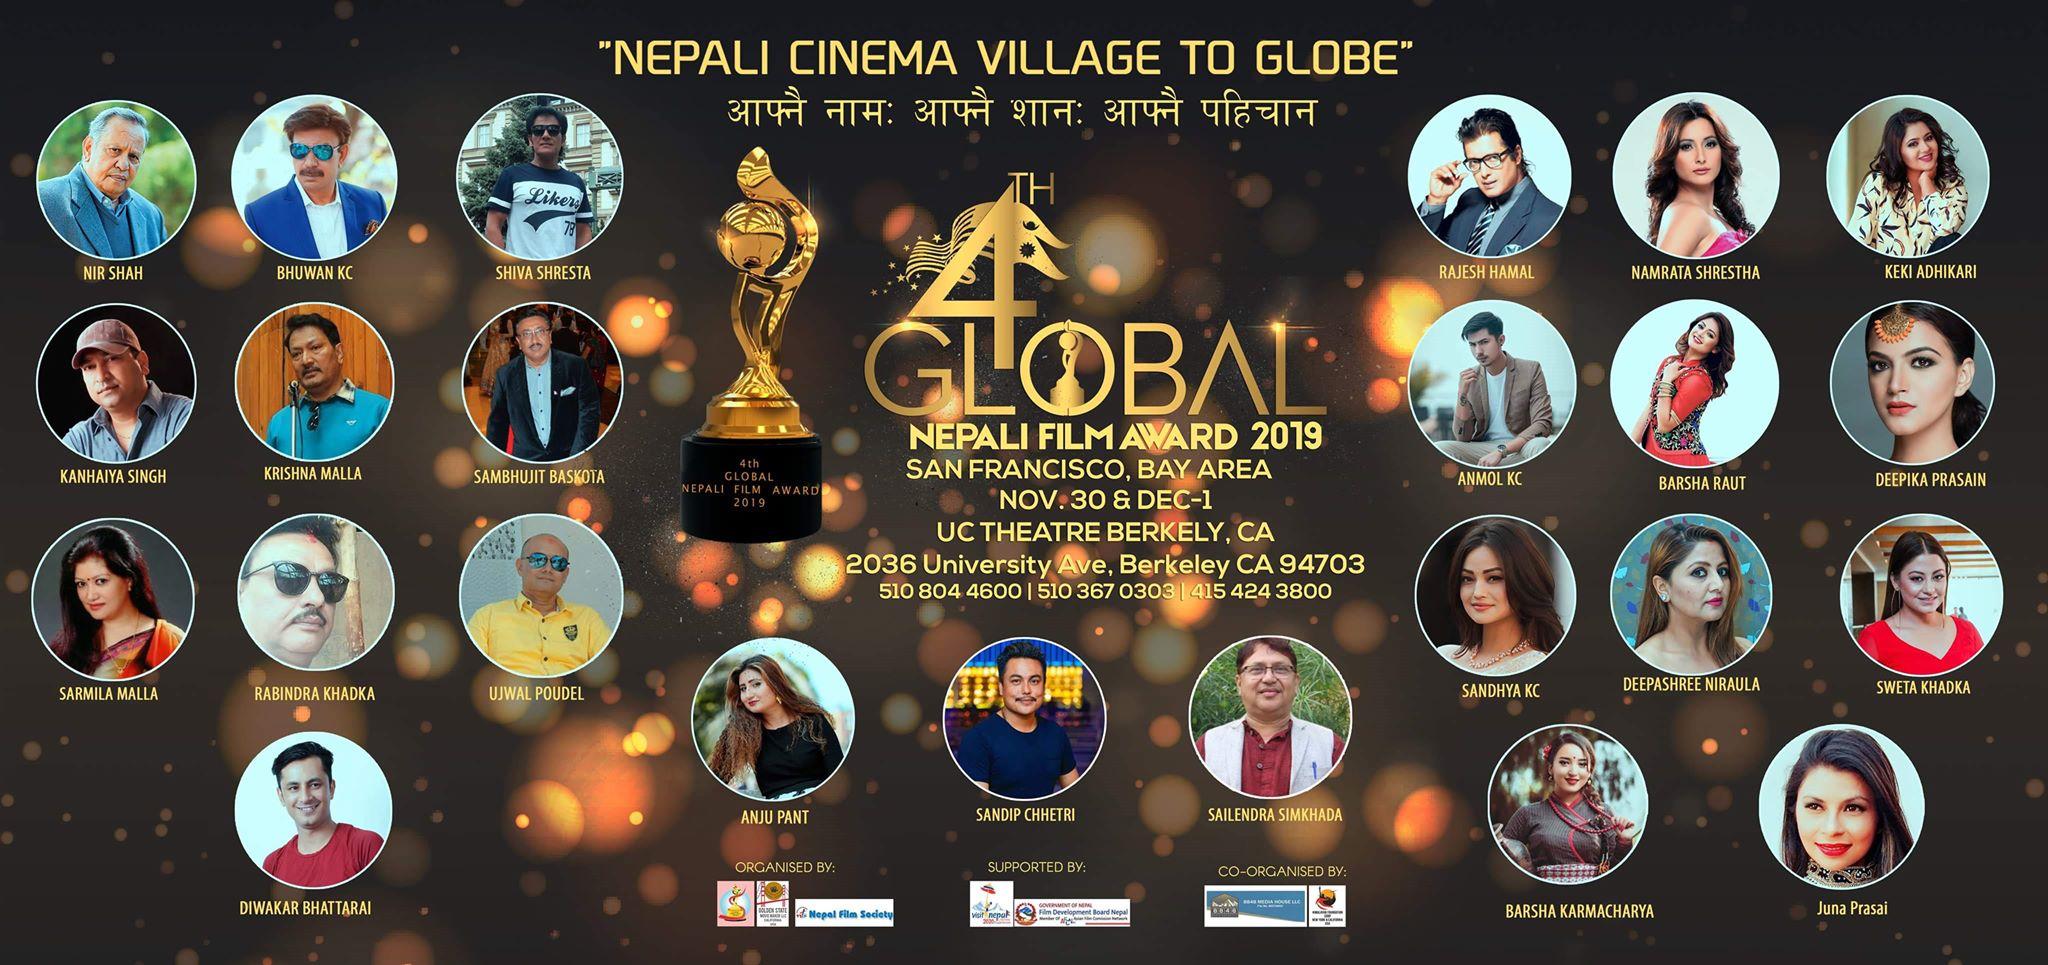 चौथो 'ग्लोबल नेपाली फिल्म अवार्ड २०१९', सान फ्रान्सिस्कोमा भब्य तयारी